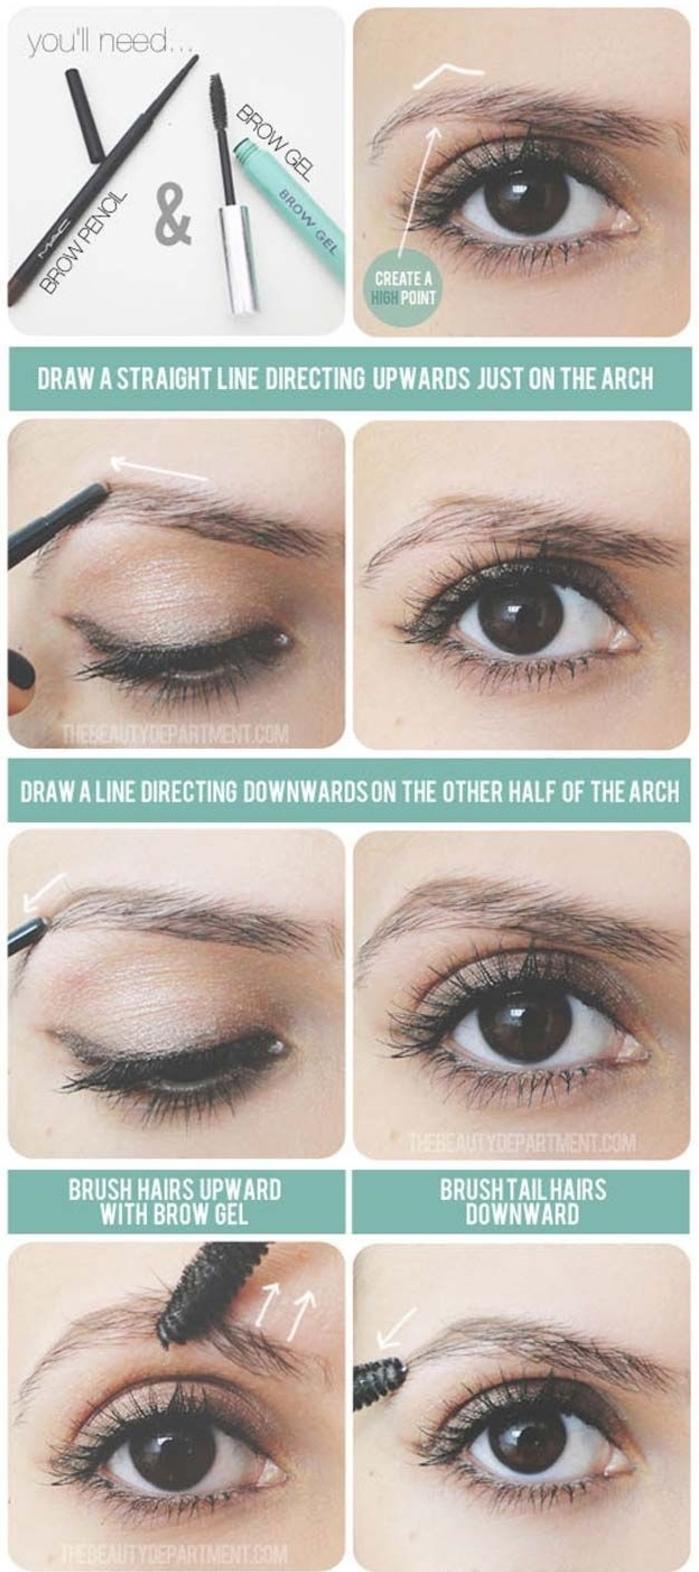 comment définir les sourcils arqués, maquillage des sourcils pour agrandir le regard